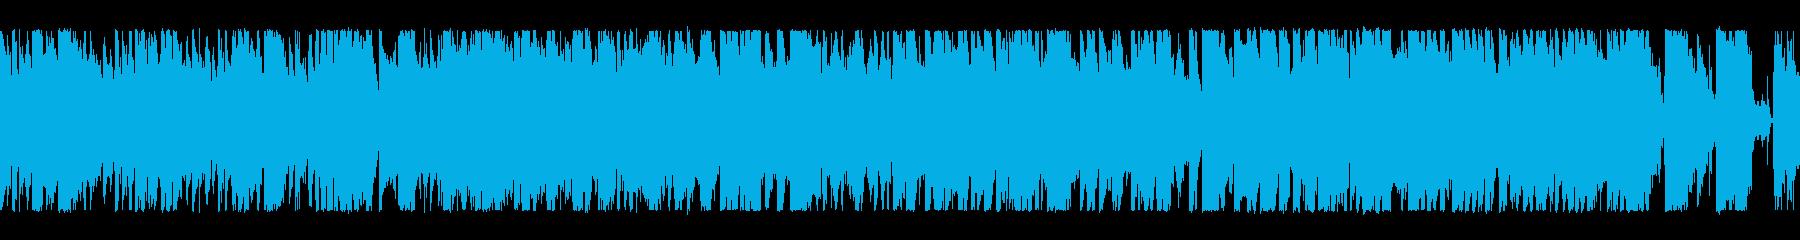 元気ハツラツブラス+ロック歌なしループ2の再生済みの波形